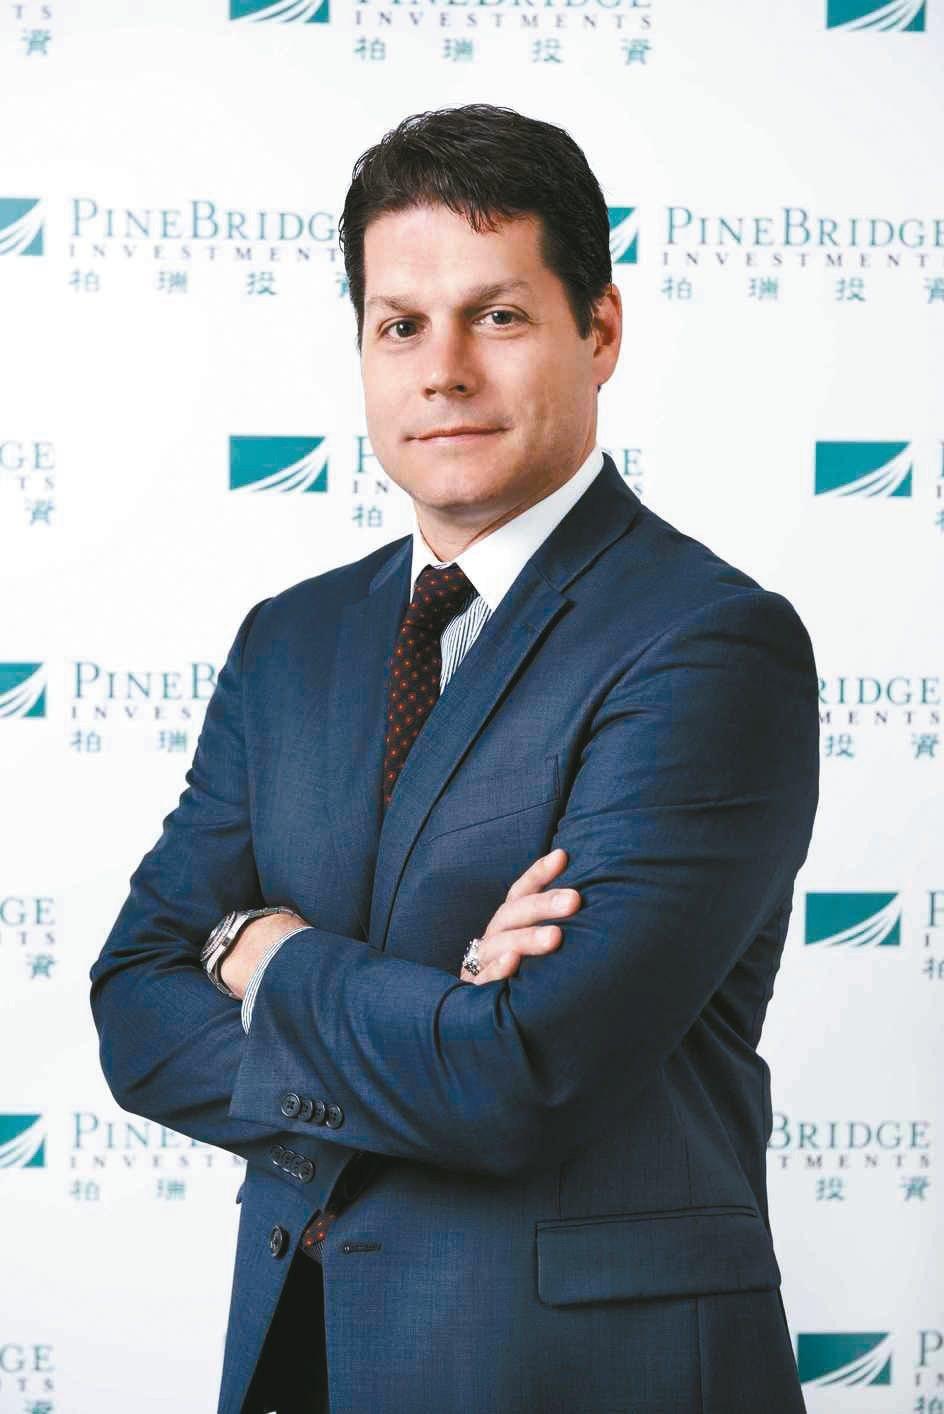 柏瑞投資高收益債海外投資顧問葉凡克(John Yovanovic)。 柏瑞投信/...